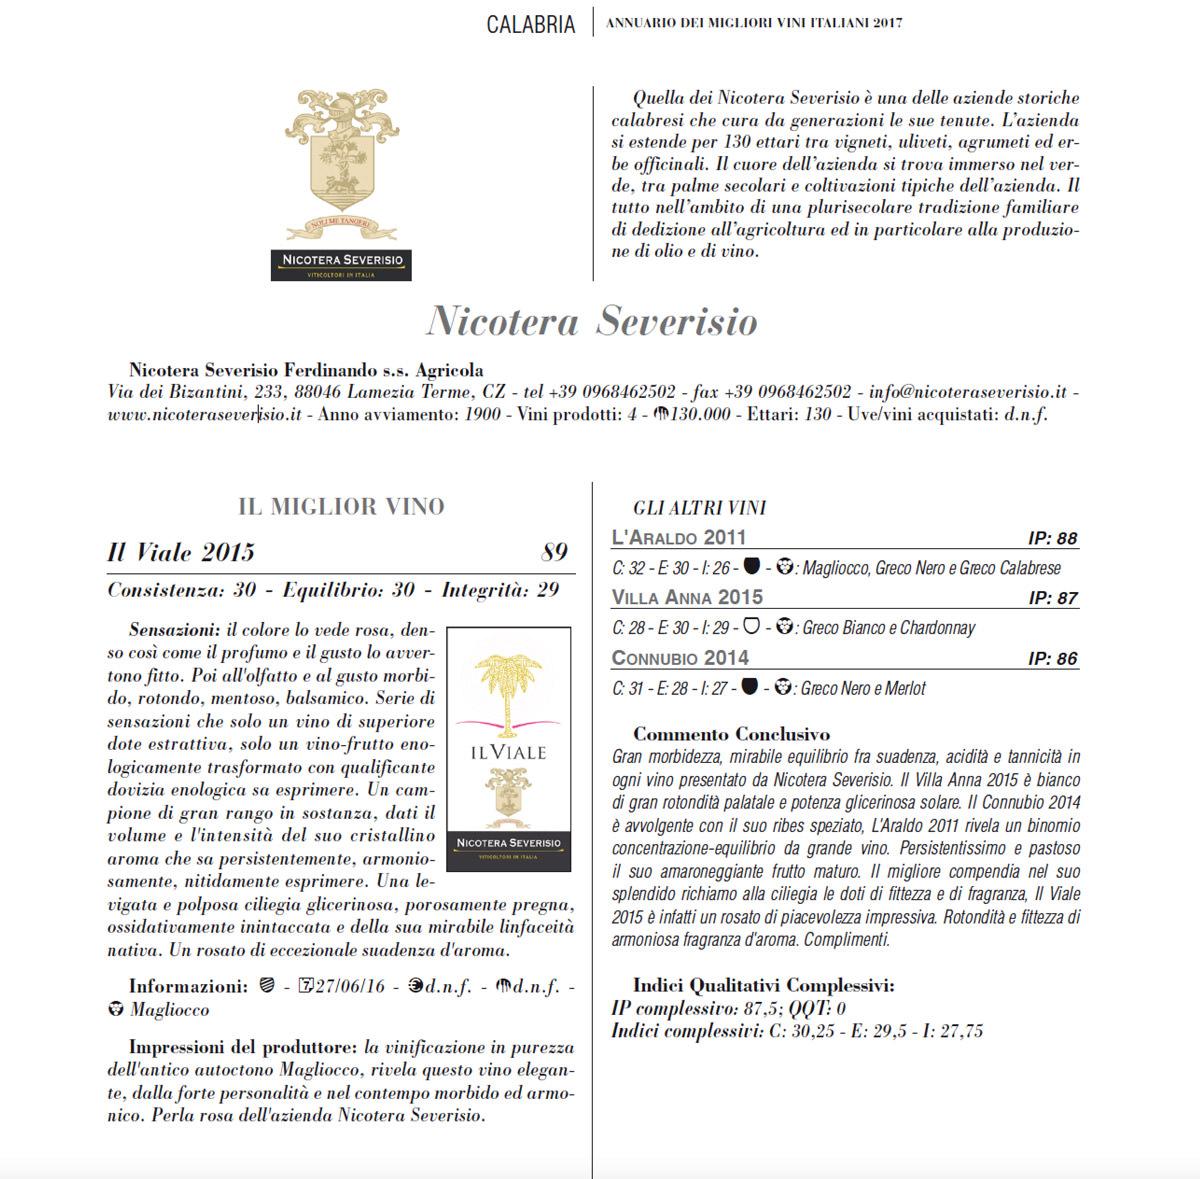 Menzione su Annuario dei migliori vini italiani 2017